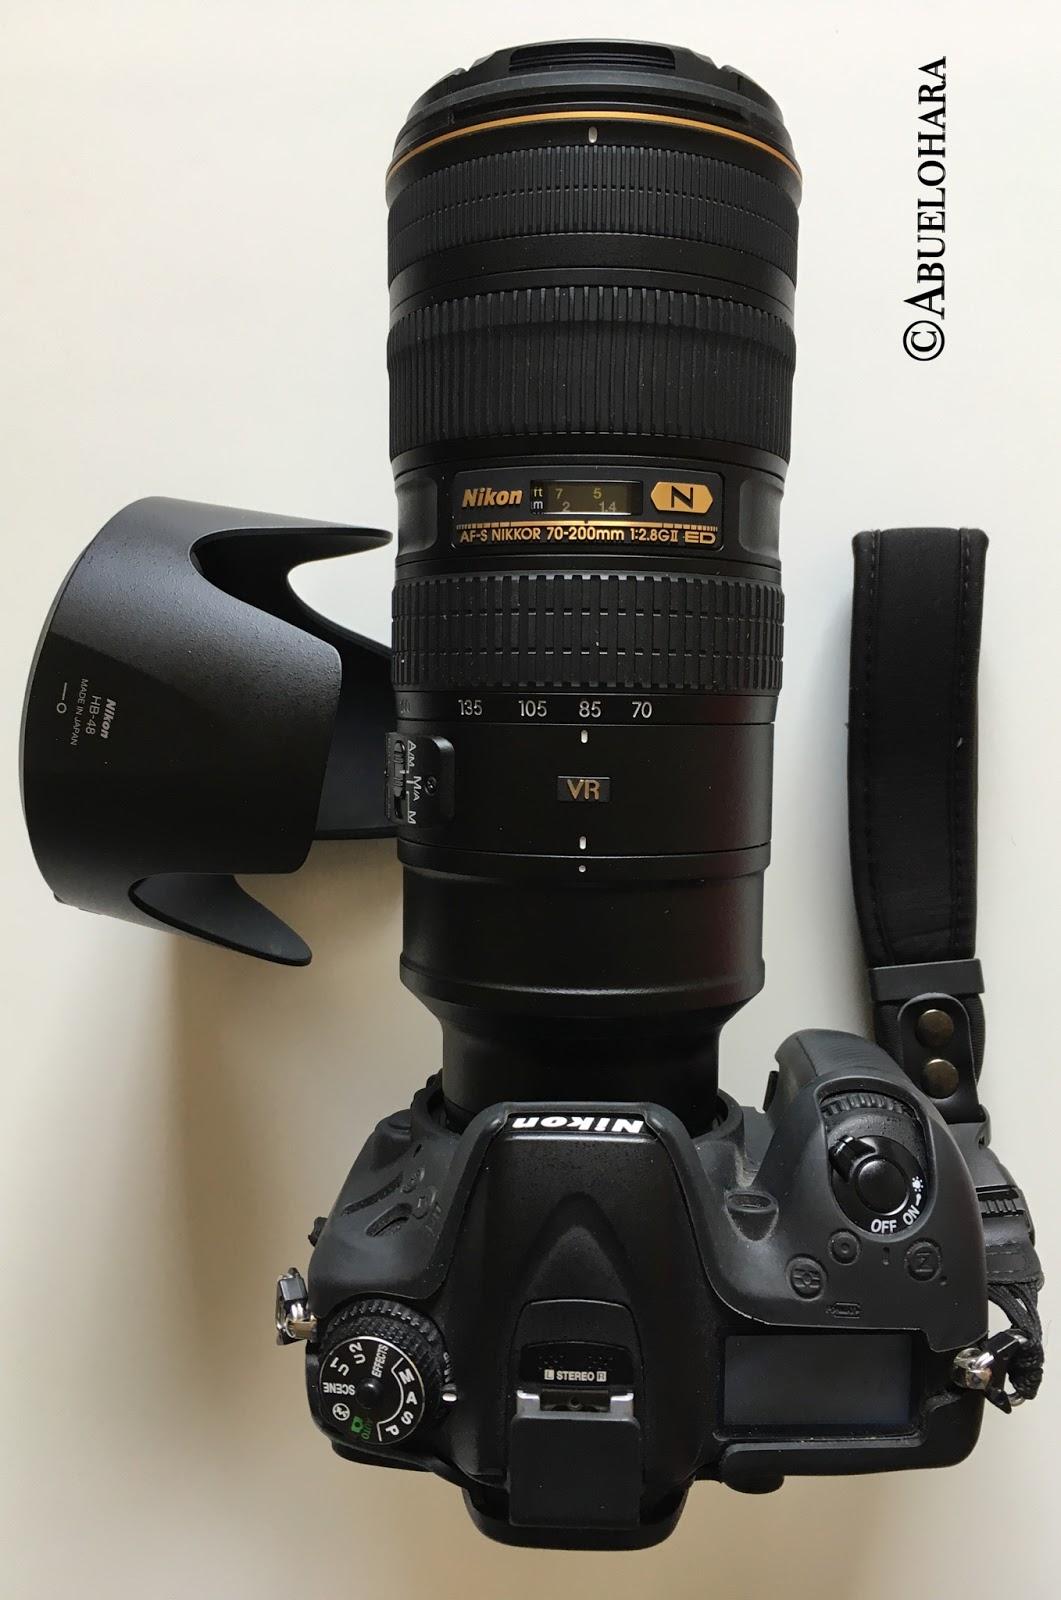 Nikon AF-S DX 18-140mm 3.5-5.6G ED VR